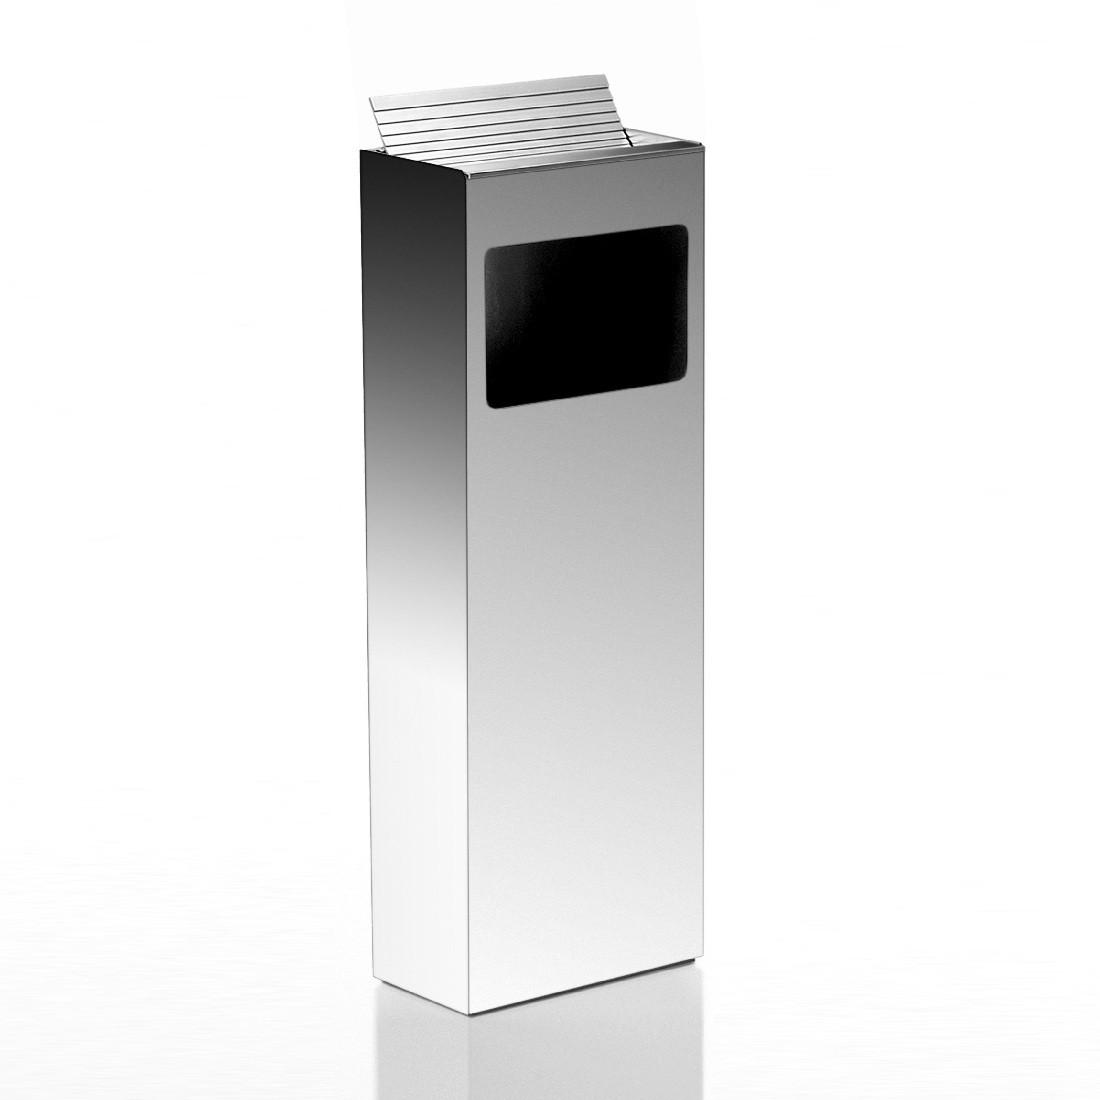 Aschenbecher Mercuri – (16L) – Edelstahl, Blanke Design online kaufen